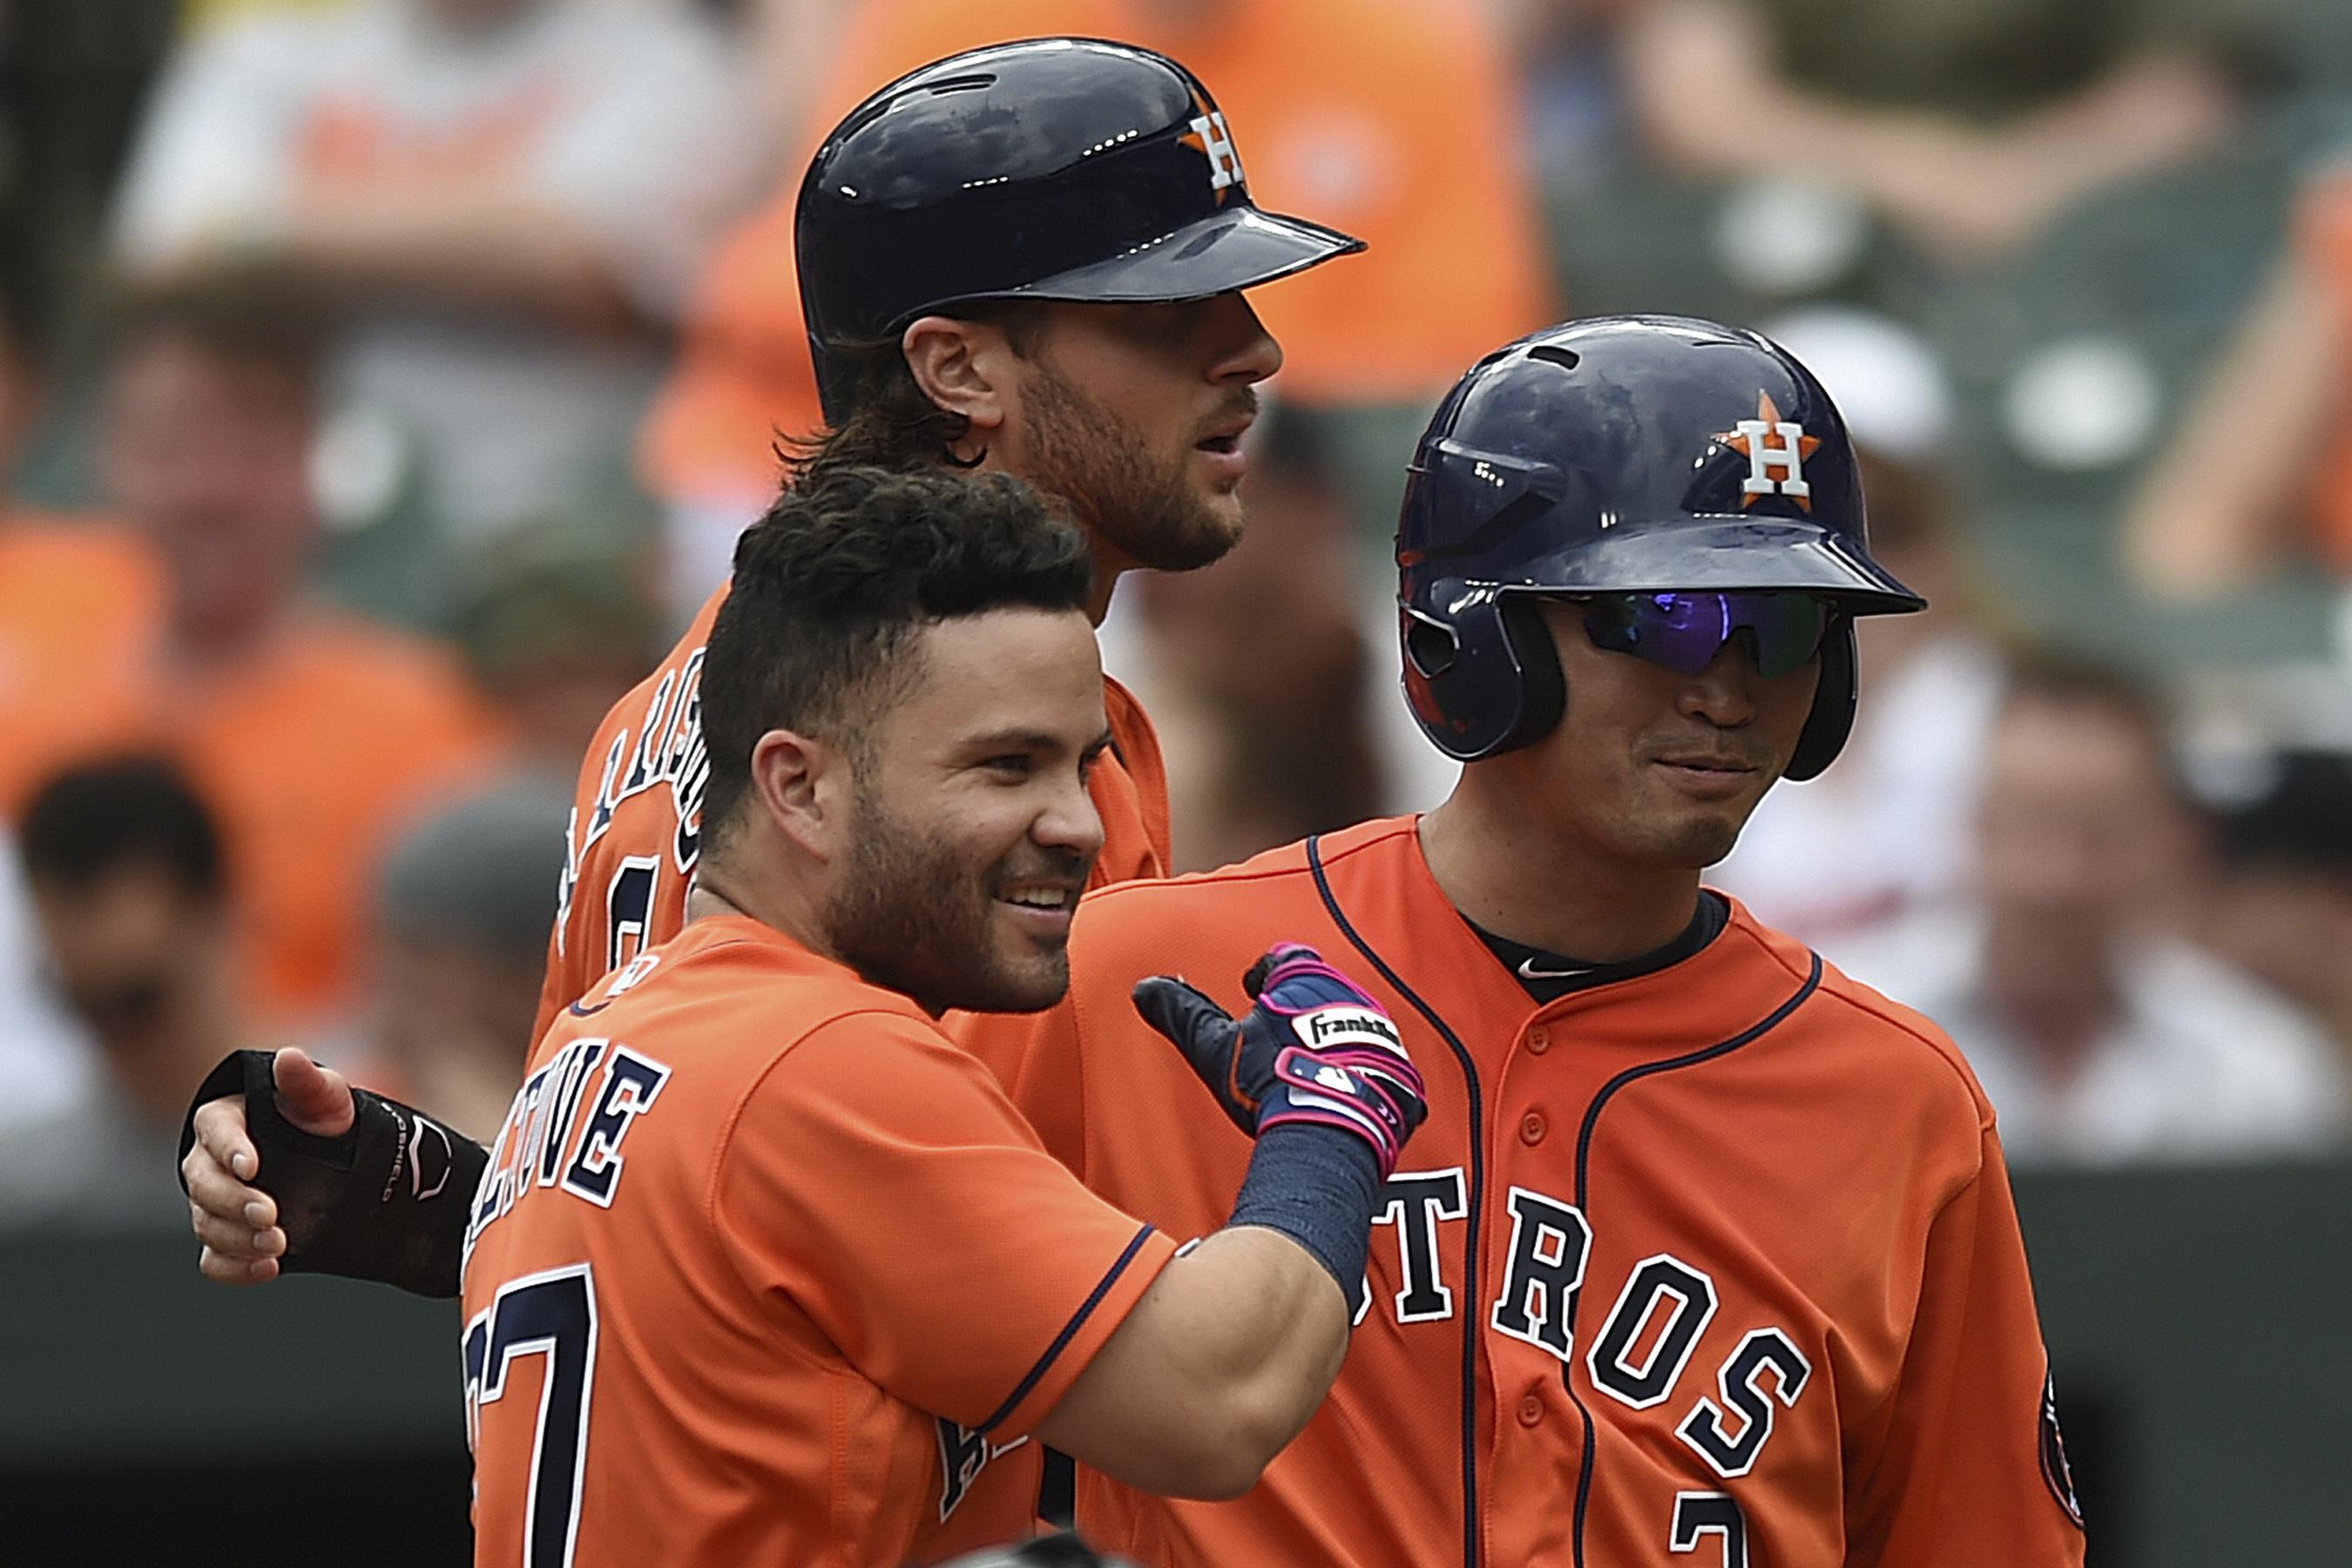 Astros_orioles_baseball_95328